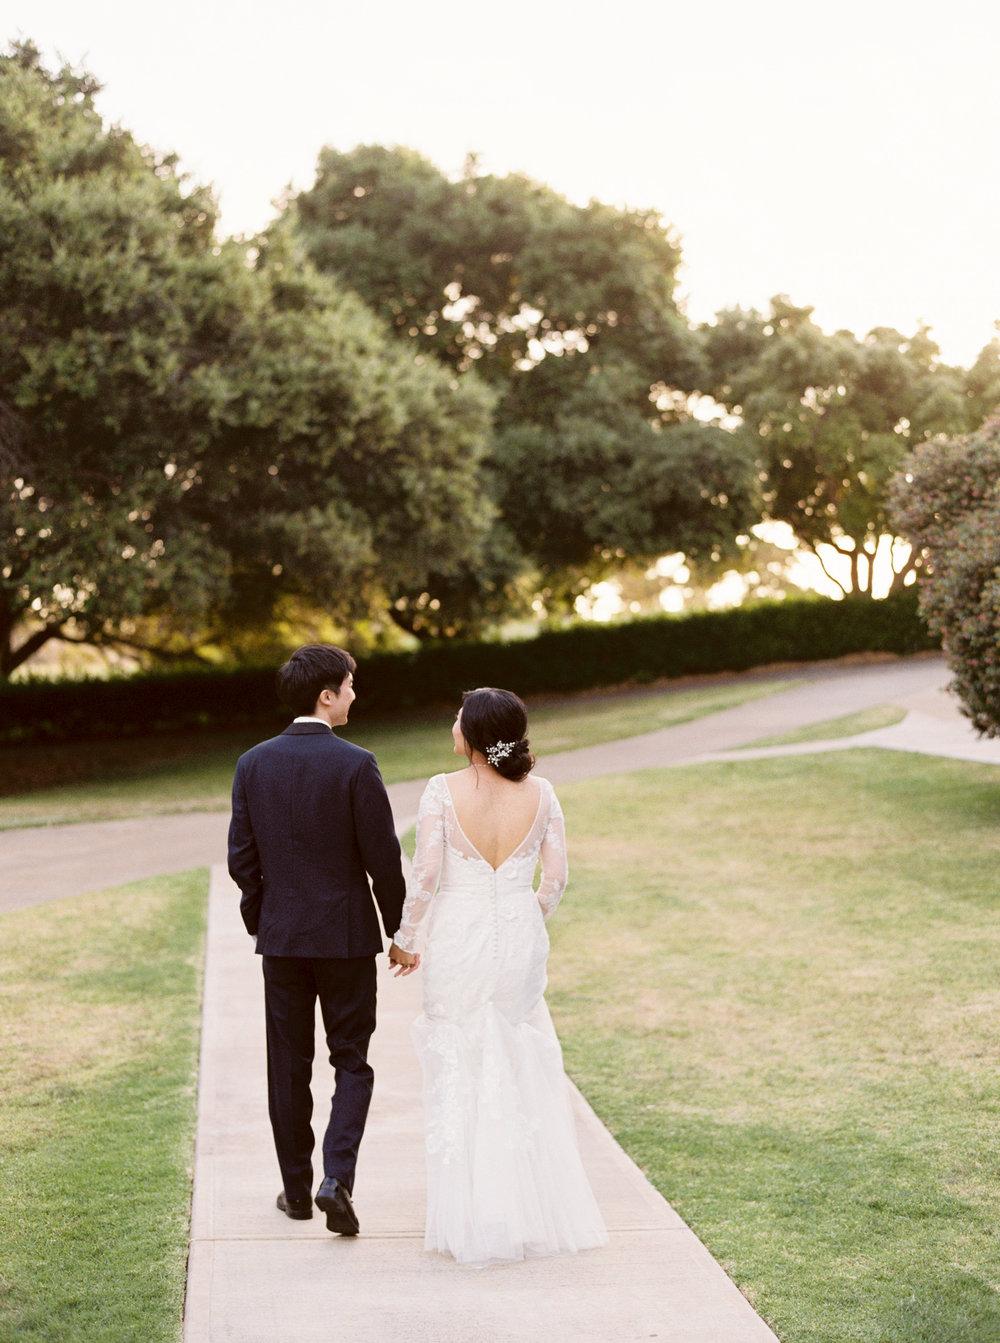 carmel-wedding-at-wedgewood-carmel-california-57.jpg